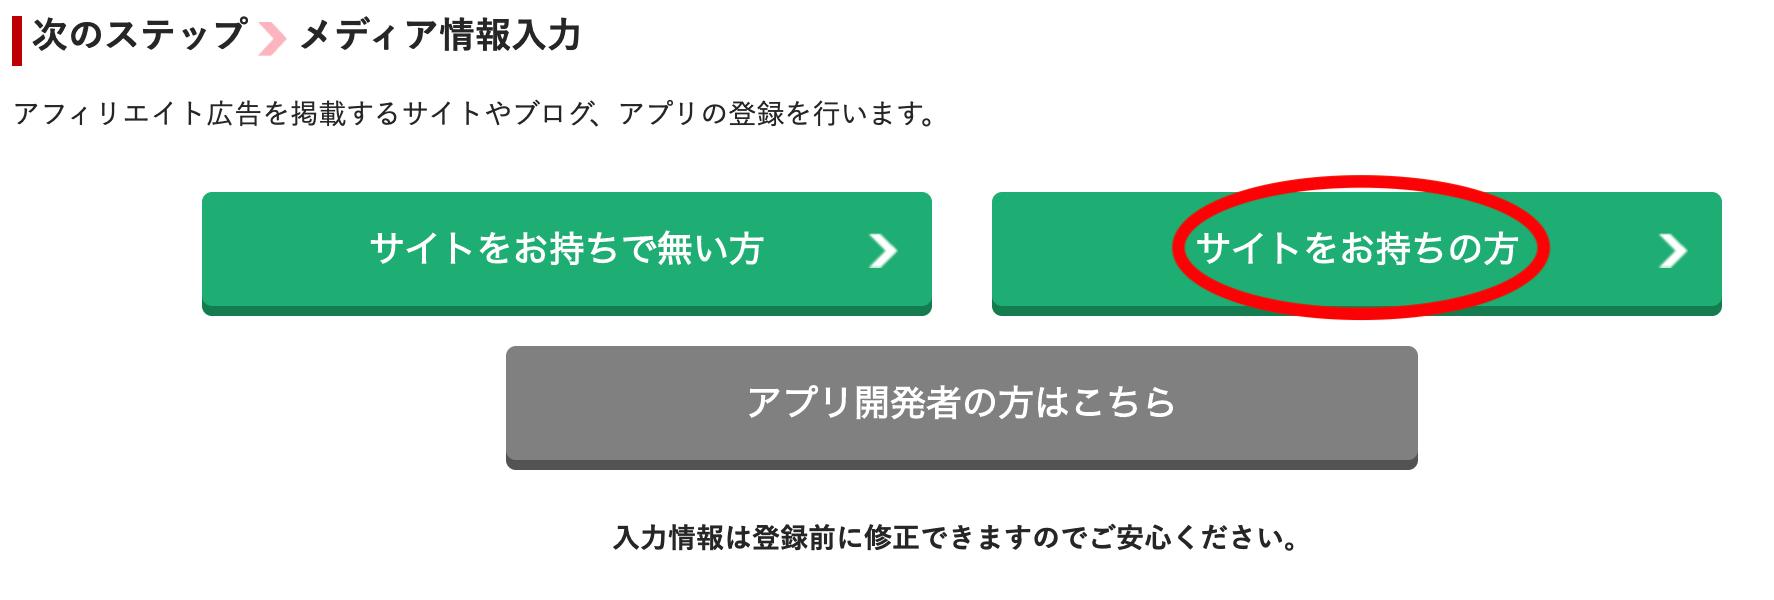 A8基本情報入力3